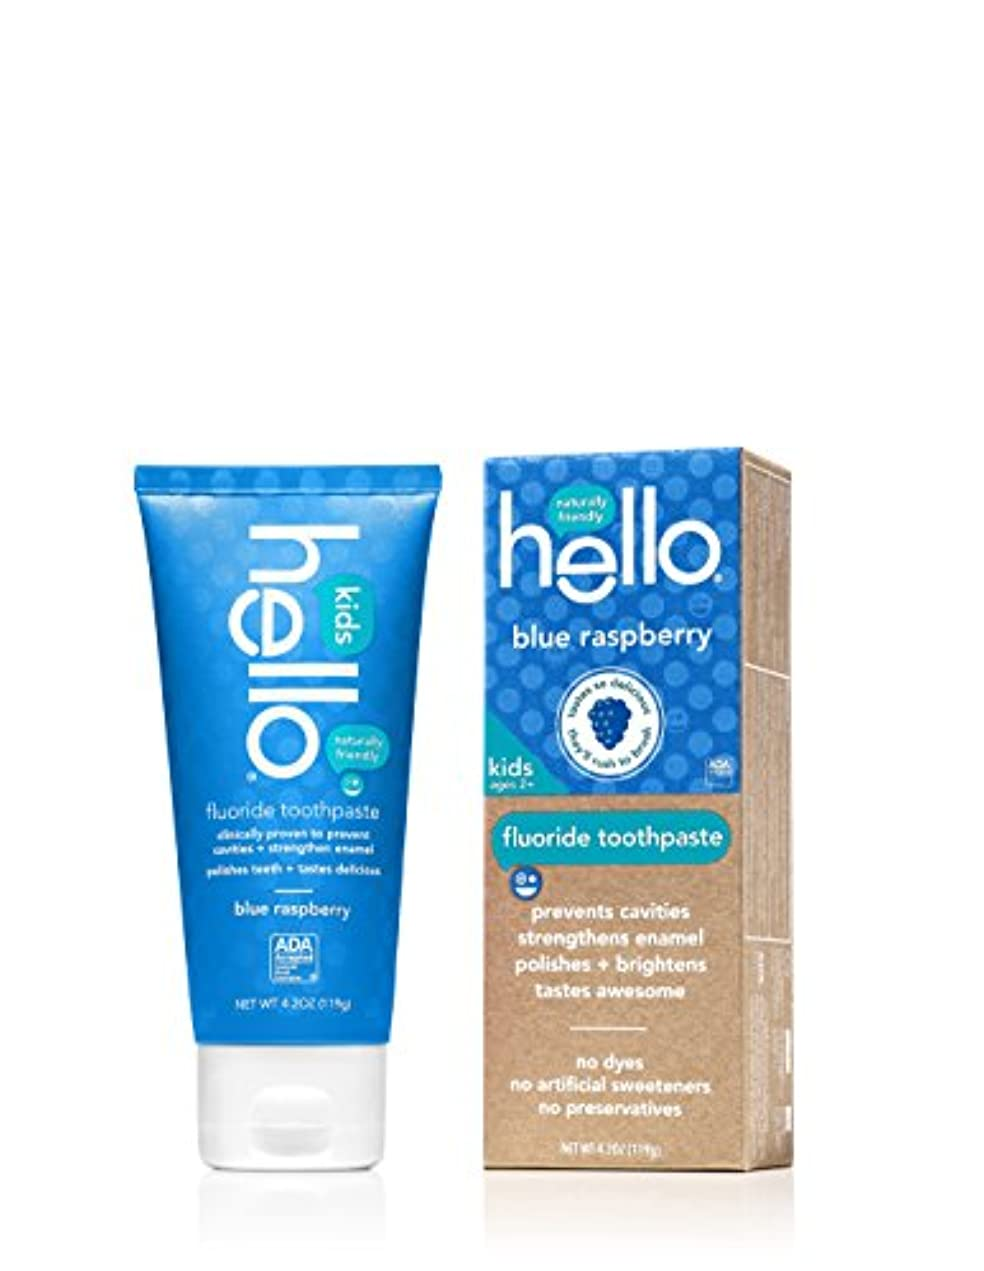 それるコメンテーターピアースHello Oral Care キッズフッ化物の歯磨き粉、ブルーラズベリー、4.2オンス